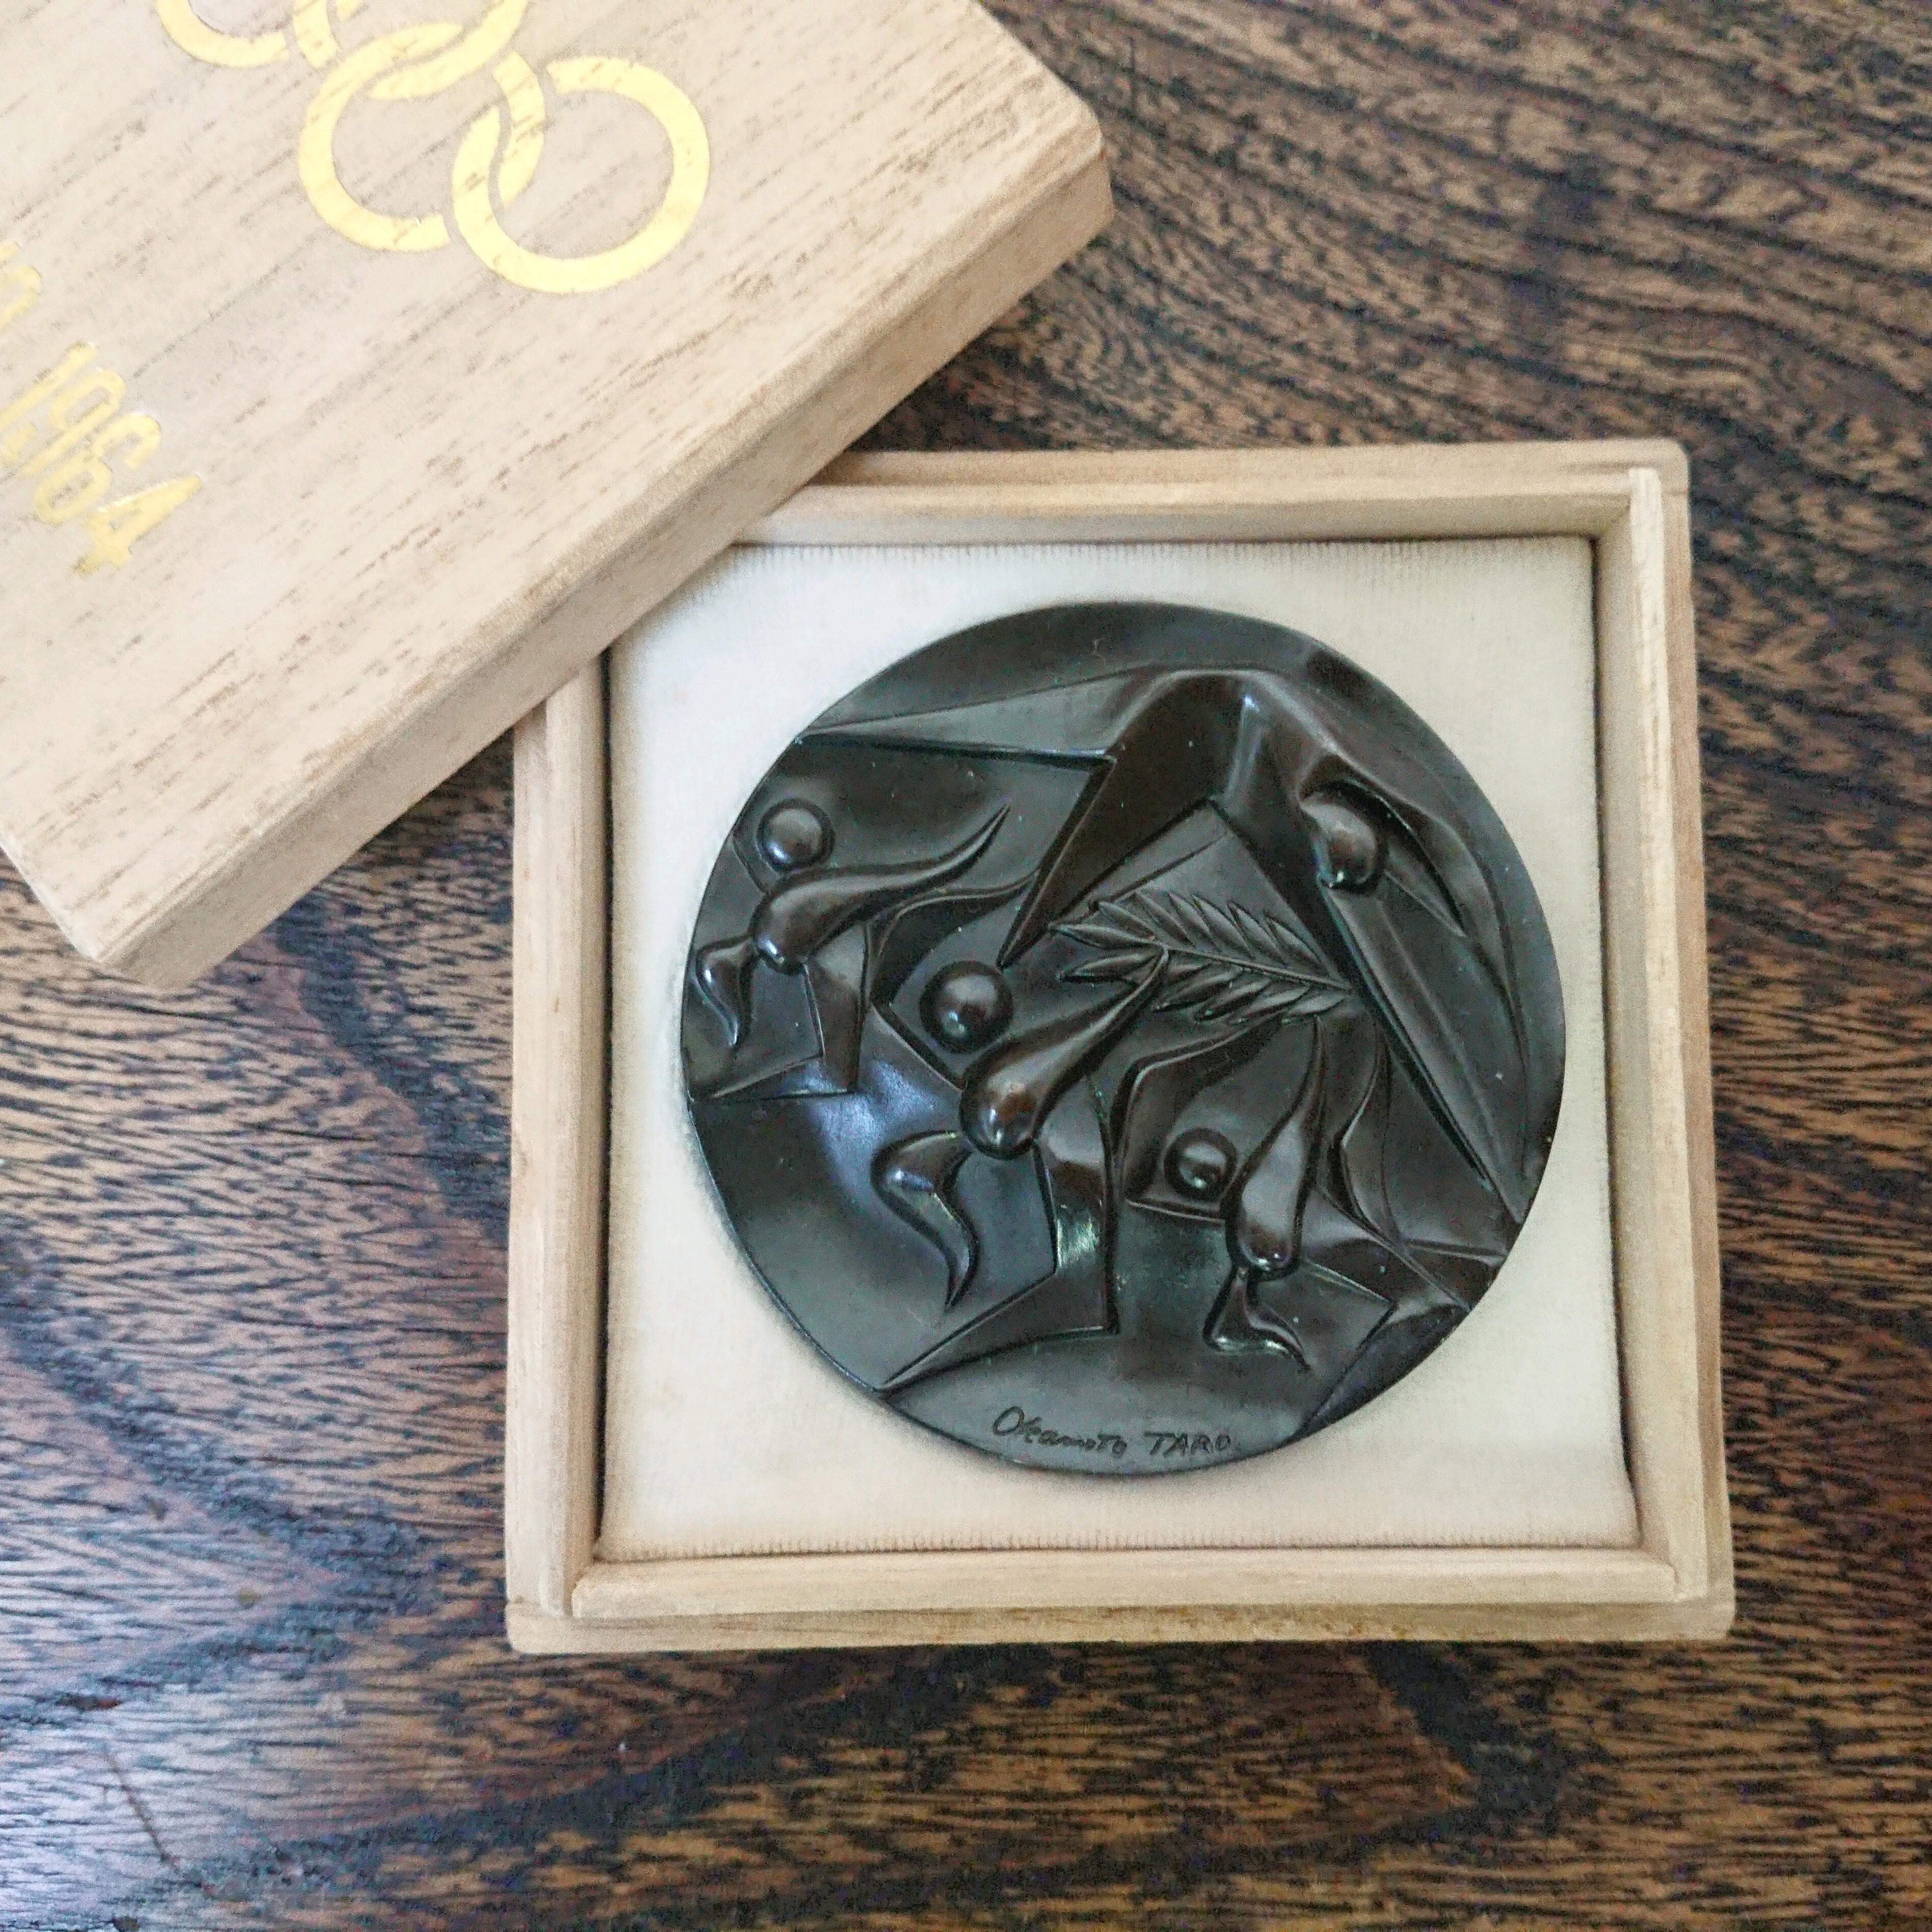 岡本太郎 東京オリンピック 国旗掲揚協力記念メダル ブロンズ 田中一光 桐箱付